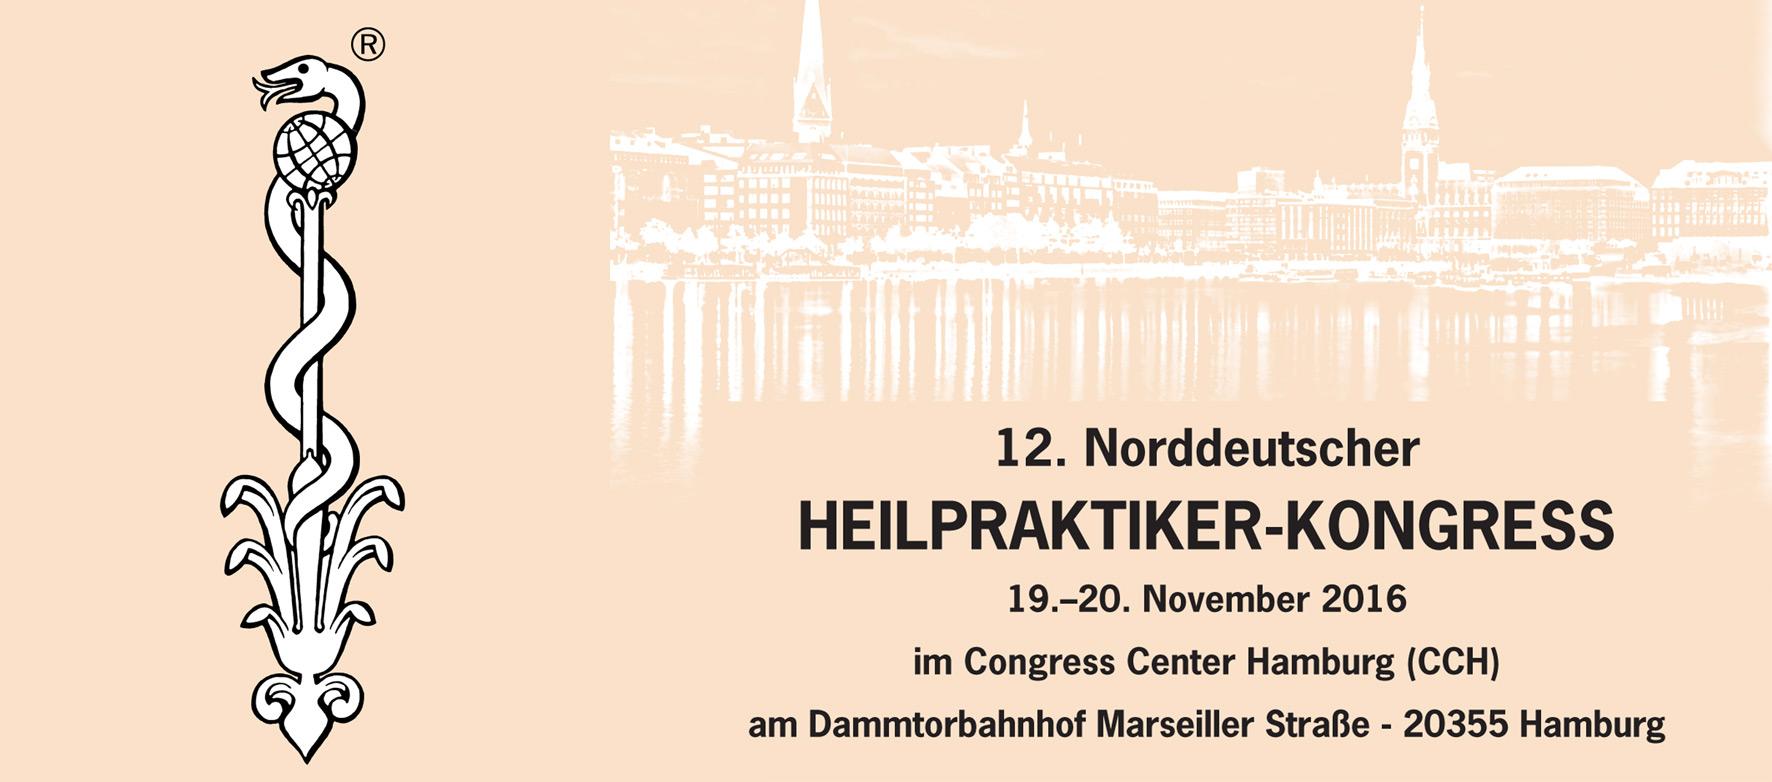 Eine Werbegrafik zur Ankündigung des 12. Norddeutsche Heilpraktiker Kongresses